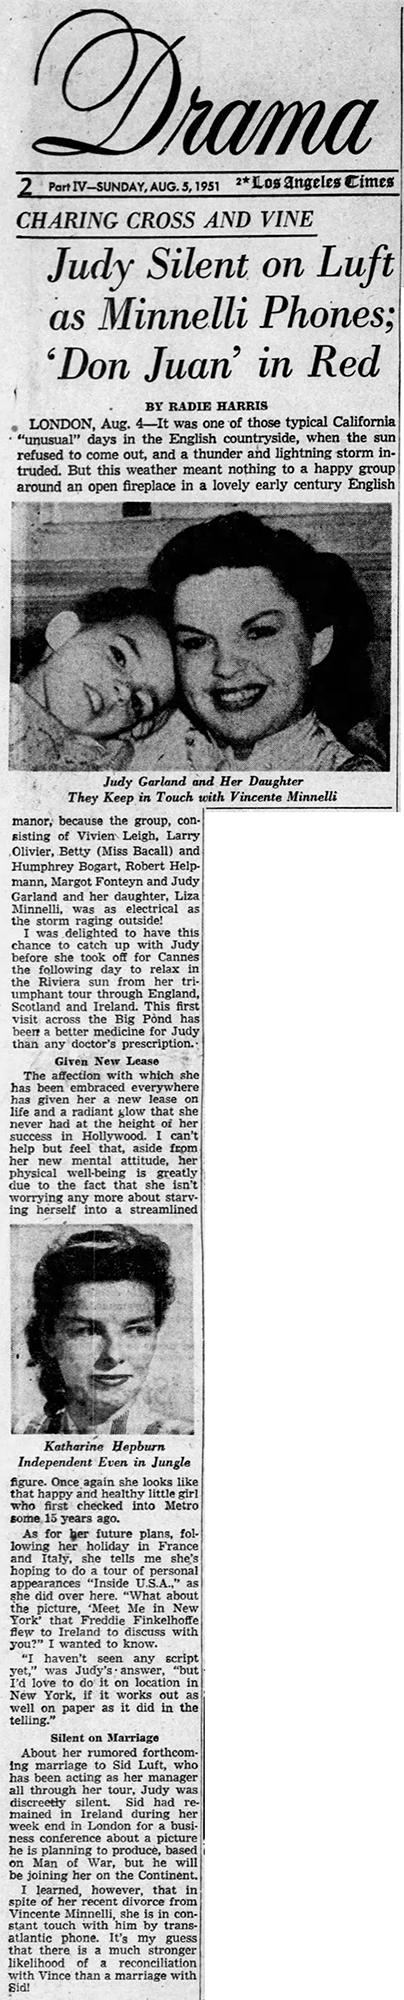 August-5,-1951-RADIE-HARRIS-COLUMN-The_Los_Angeles_Times